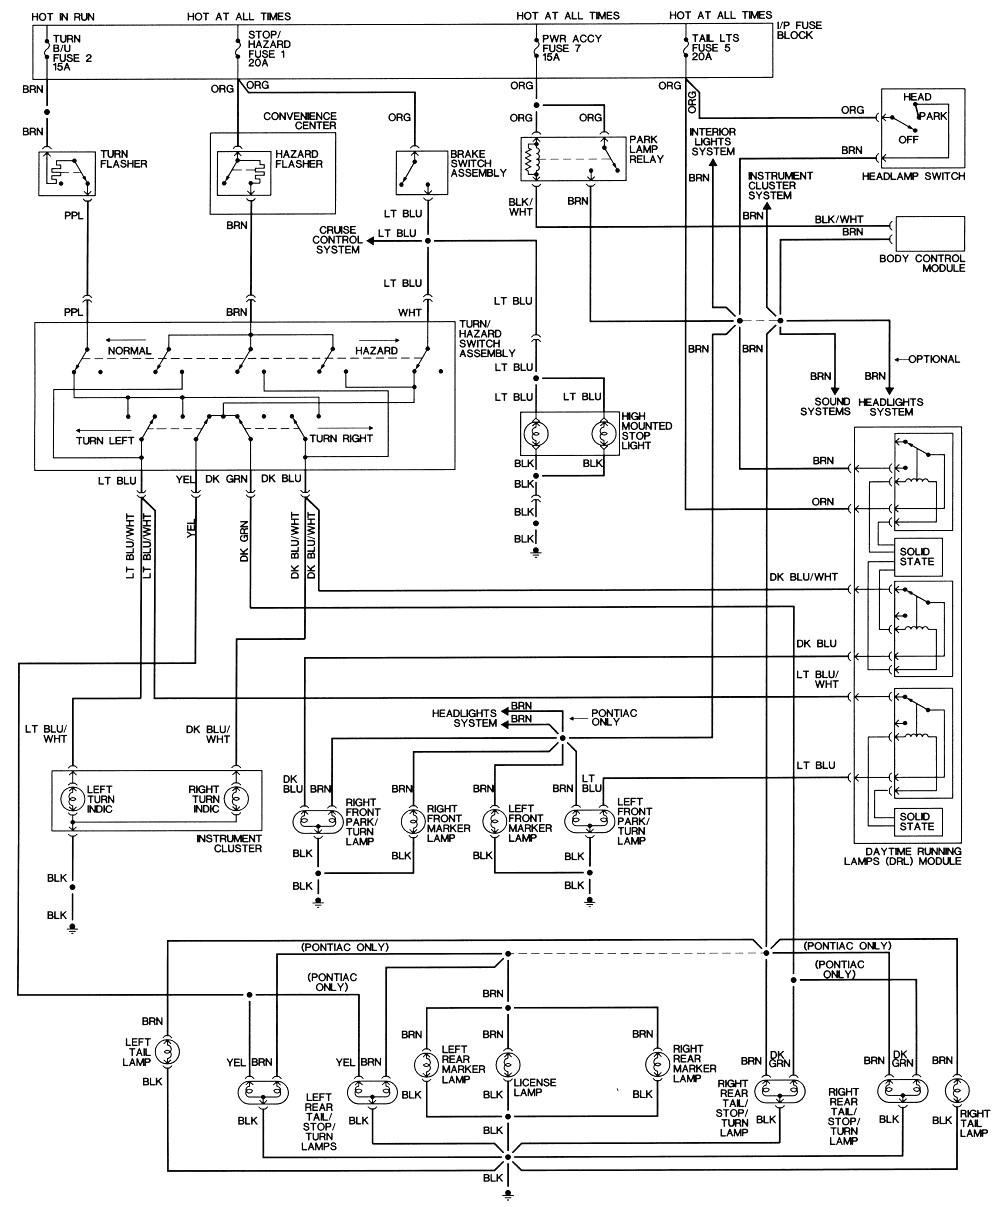 freightliner m2 wiring diagrams wiring diagram detailsm2 wiring diagram wiring diagram technic 2018 freightliner m2 wiring